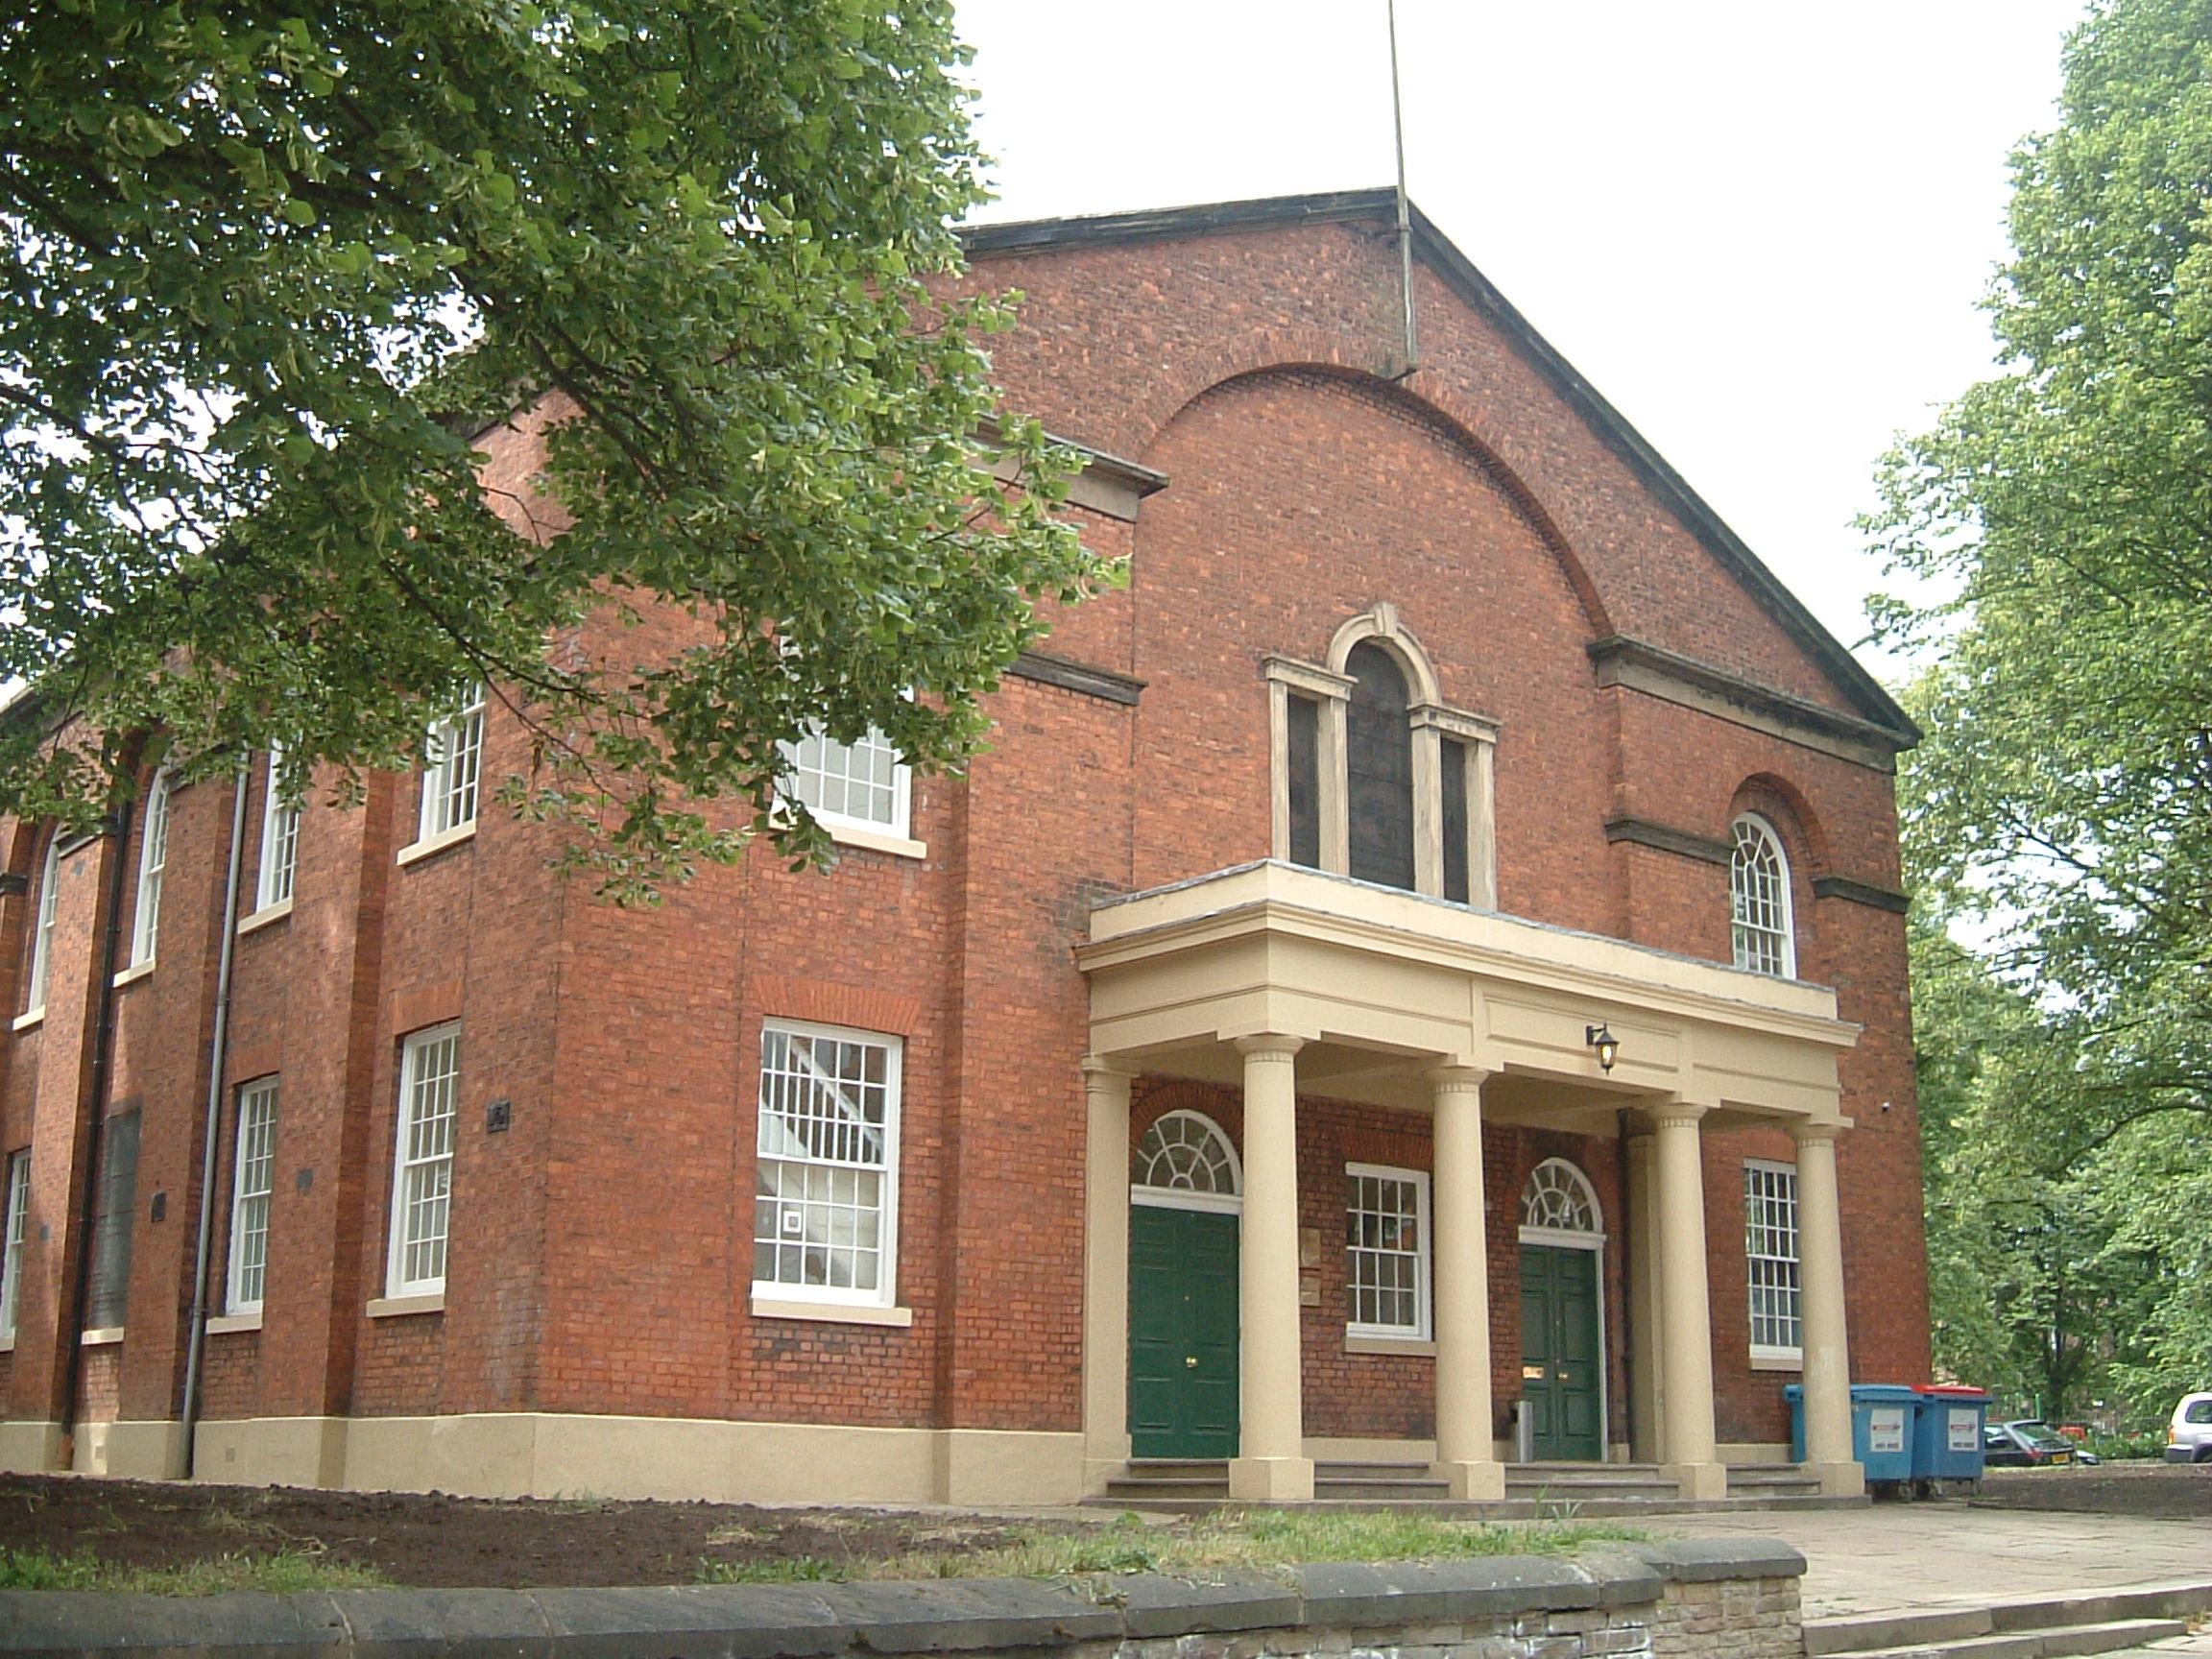 St George Chambers